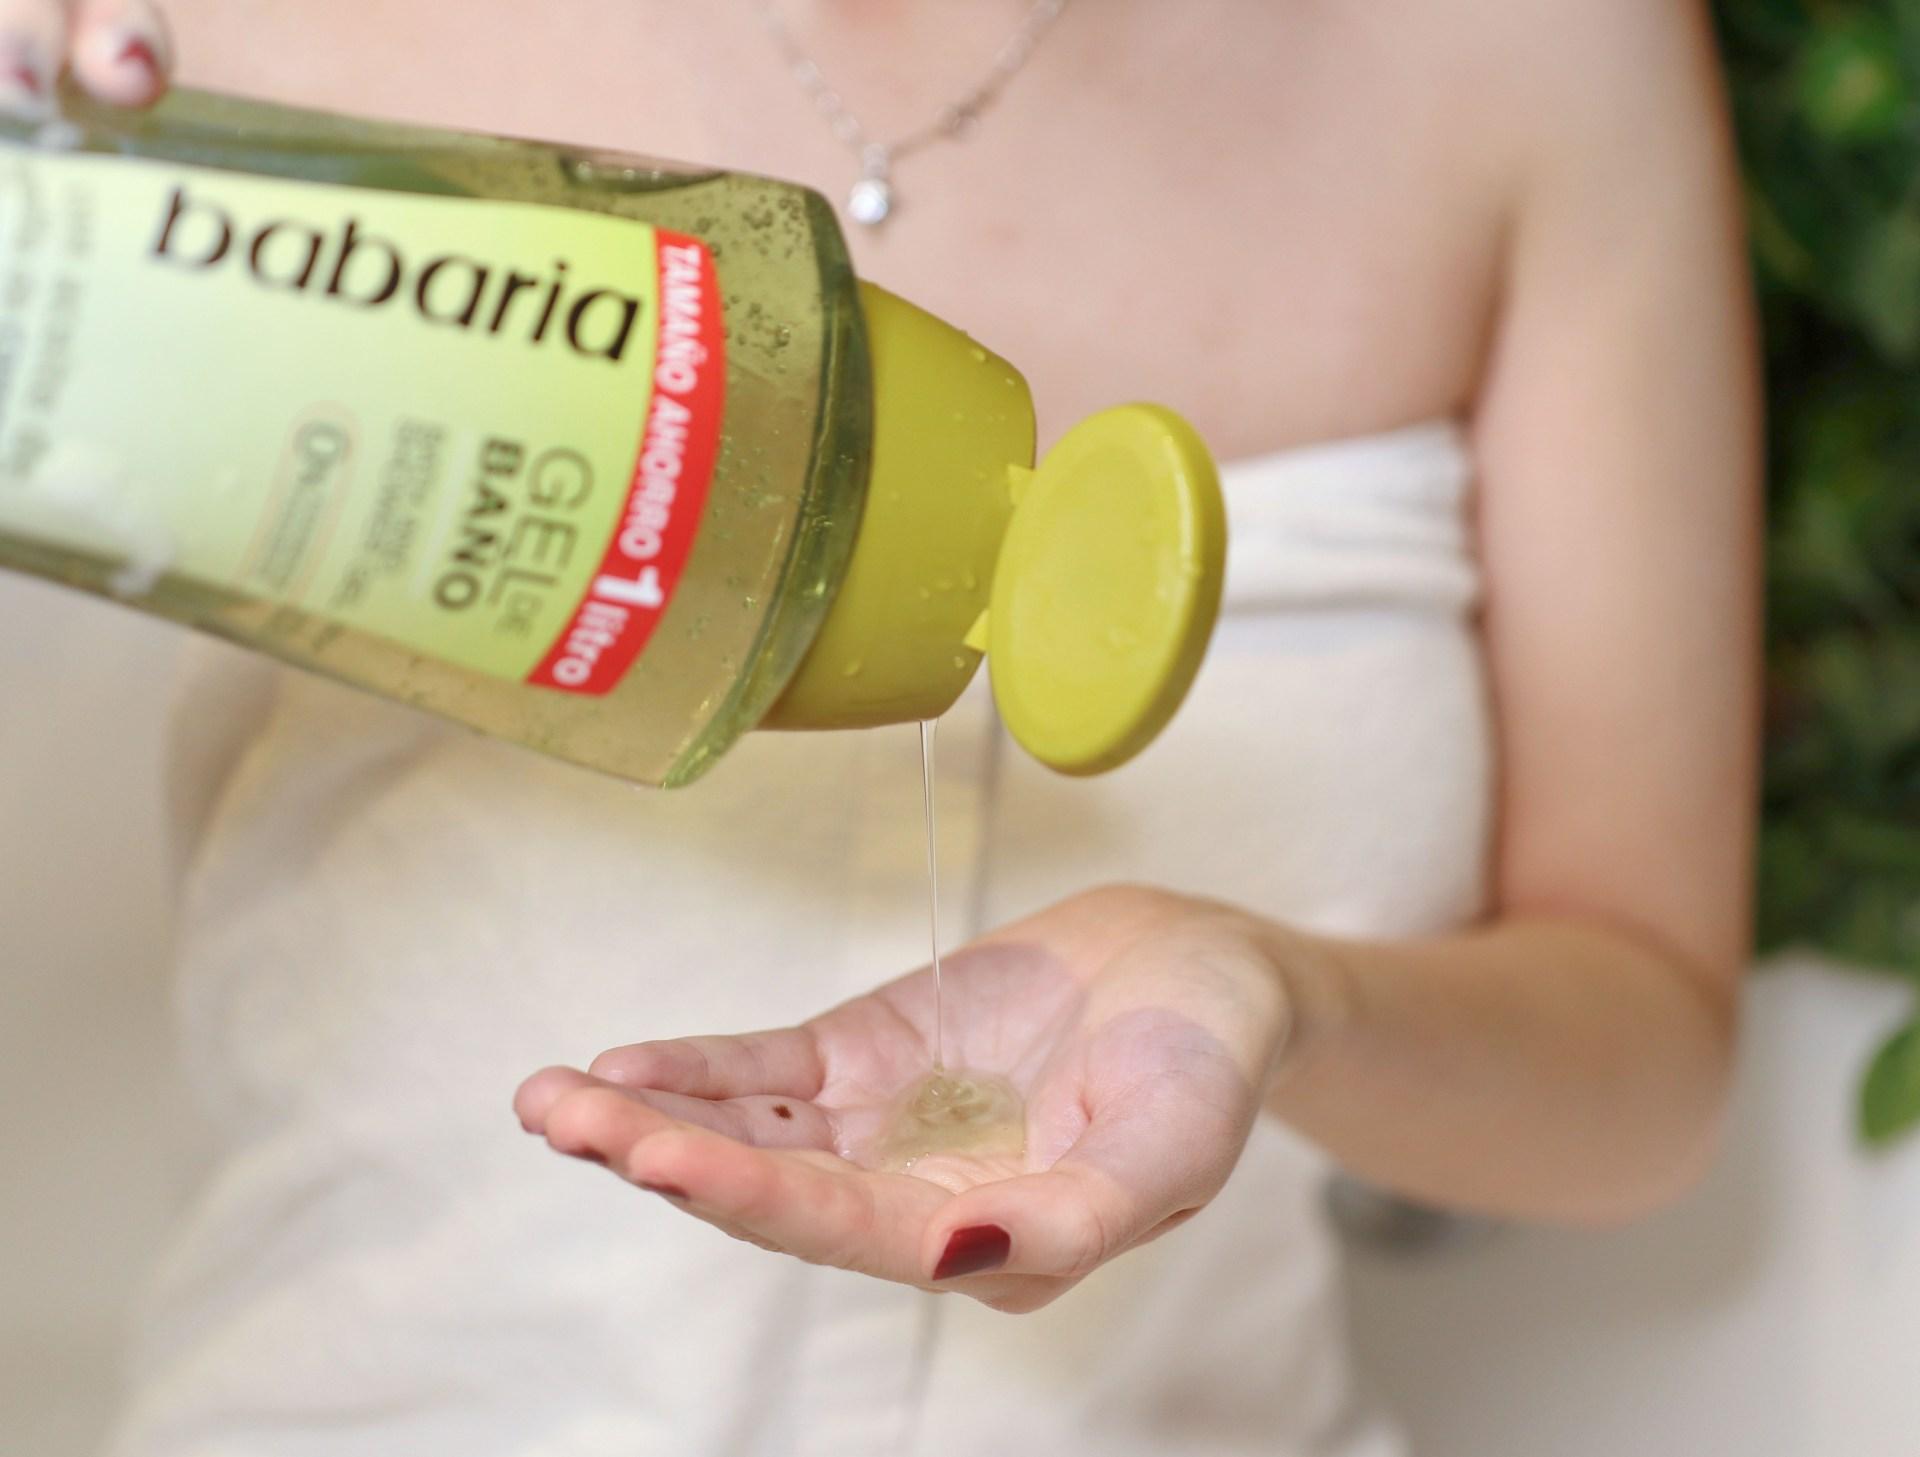 天然草本髮品西班牙babaria大麻籽油修護系列20